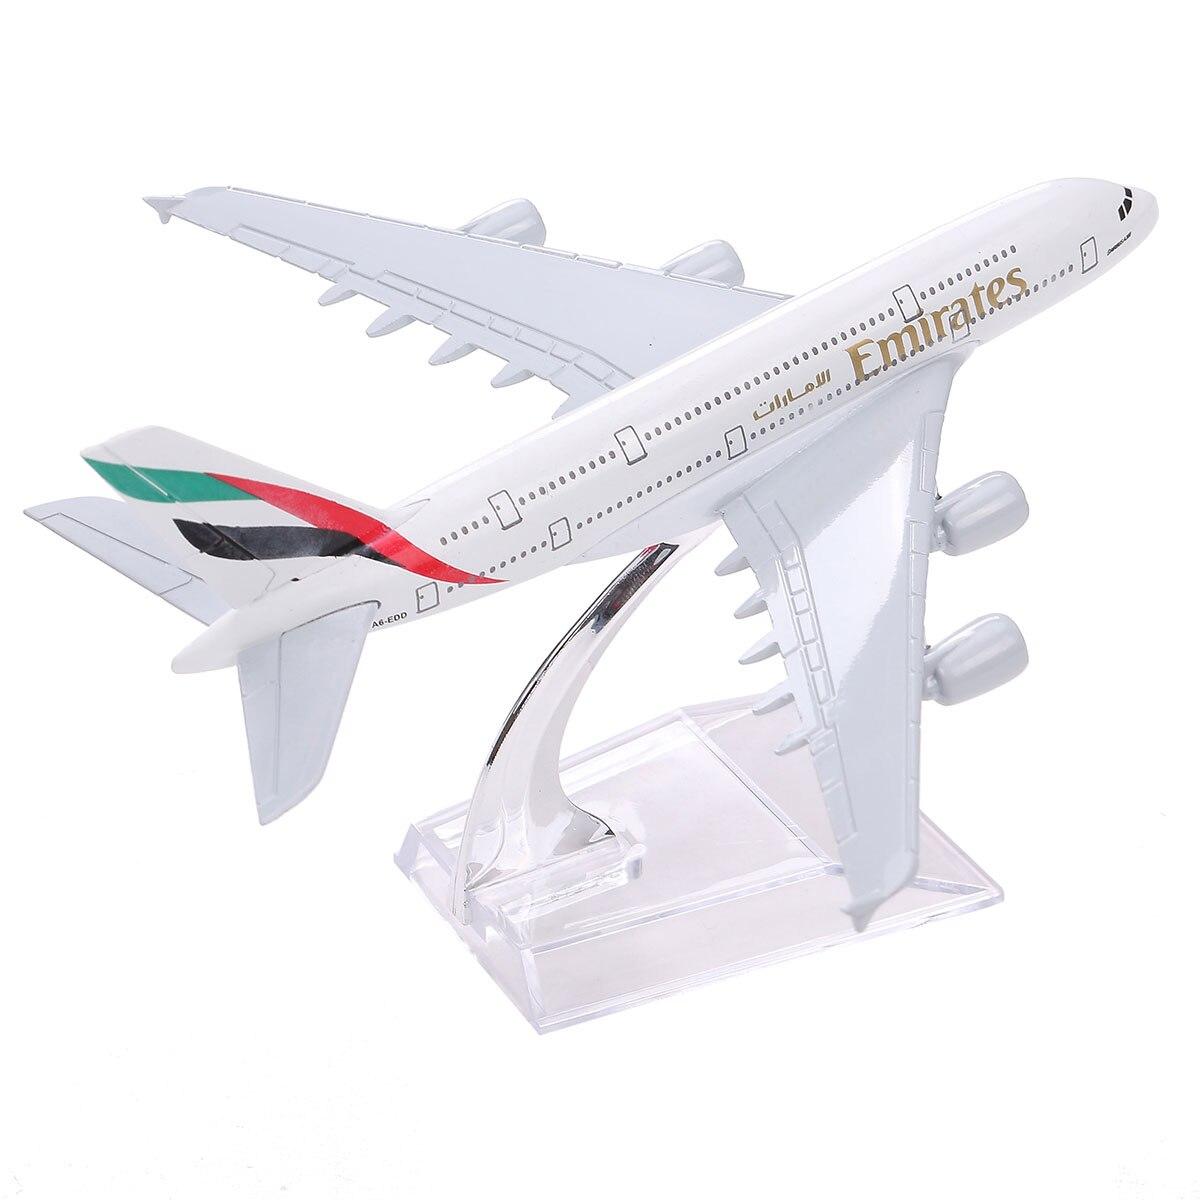 Marque Nouveau Airbus380 Emirates Airlines A-380 Avions Aéroplan 16 cm Moulé Sous Pression Modèle Émirats Arabes Unis A380 Haute Simulation